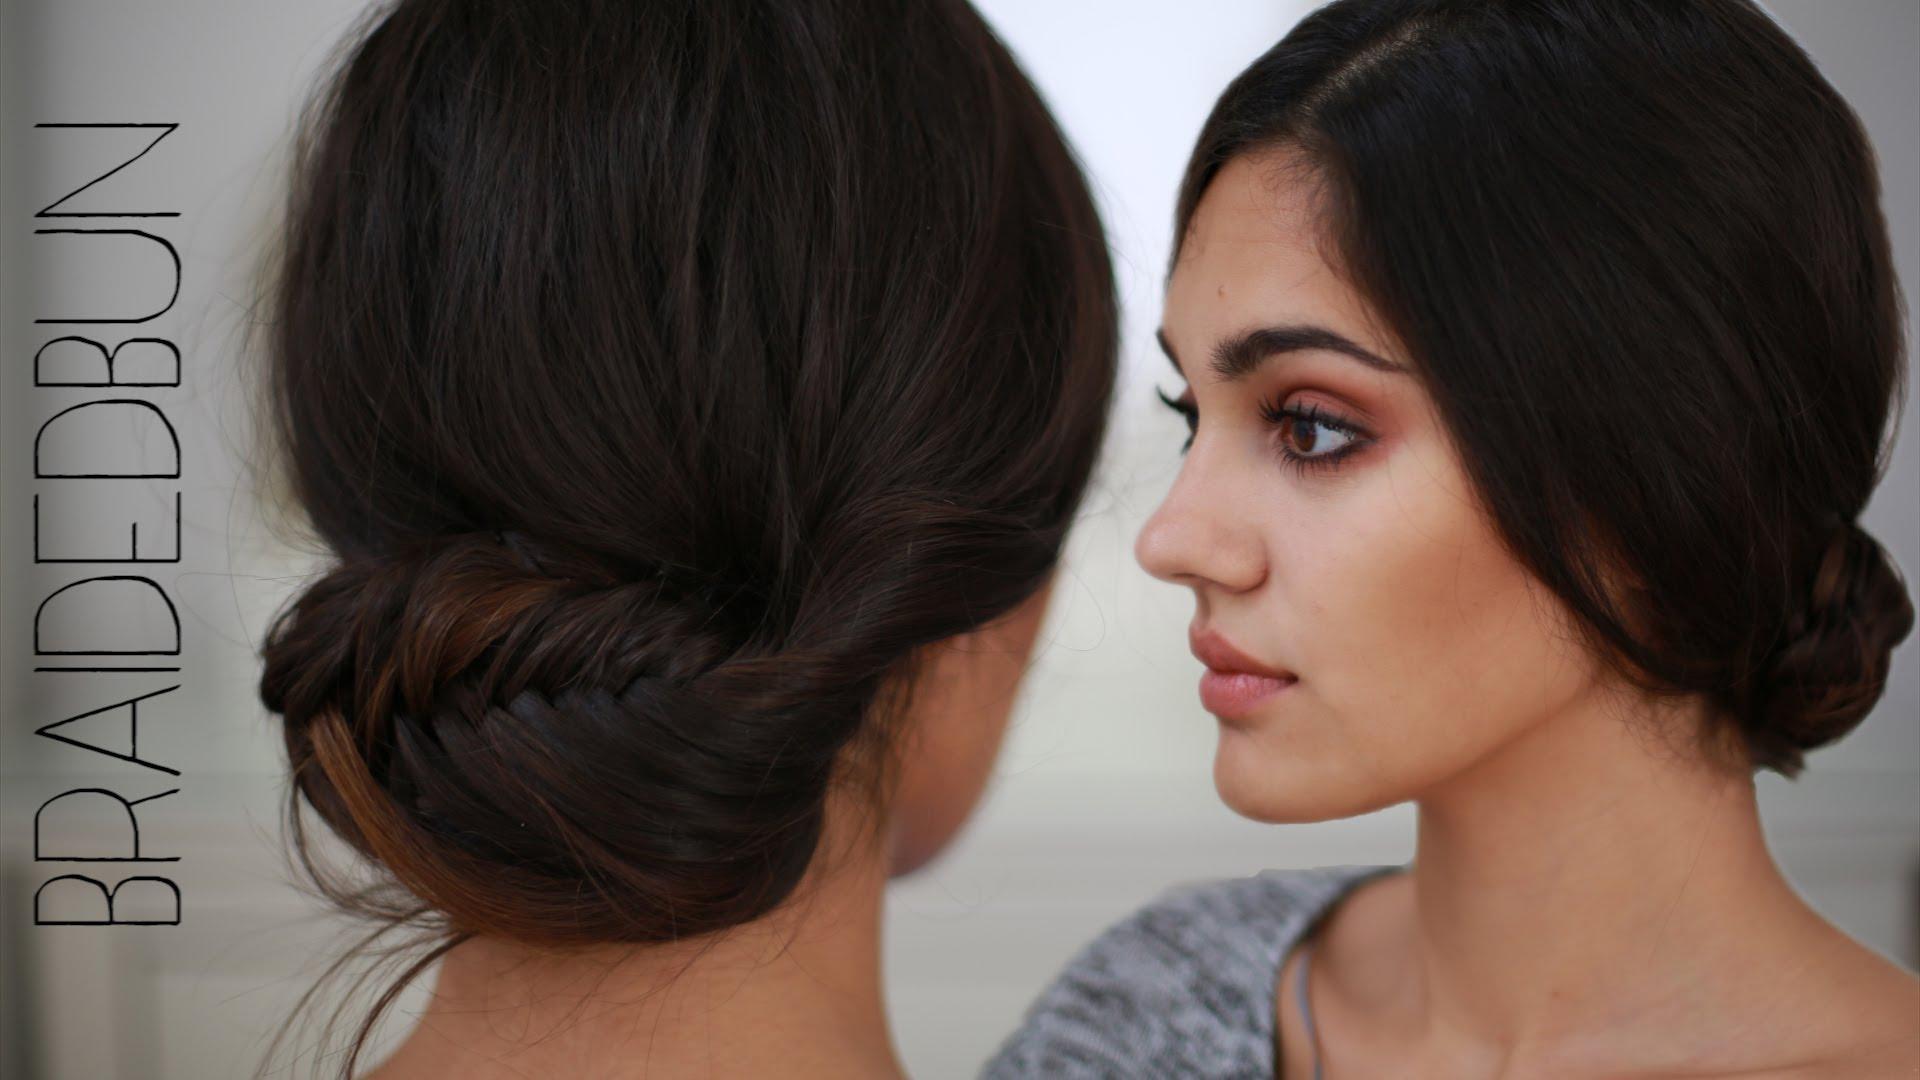 SchÖne Frisur Für Mittellangeslanges Haar – Fischgrätenzopf, Braided Bun, Tutorial